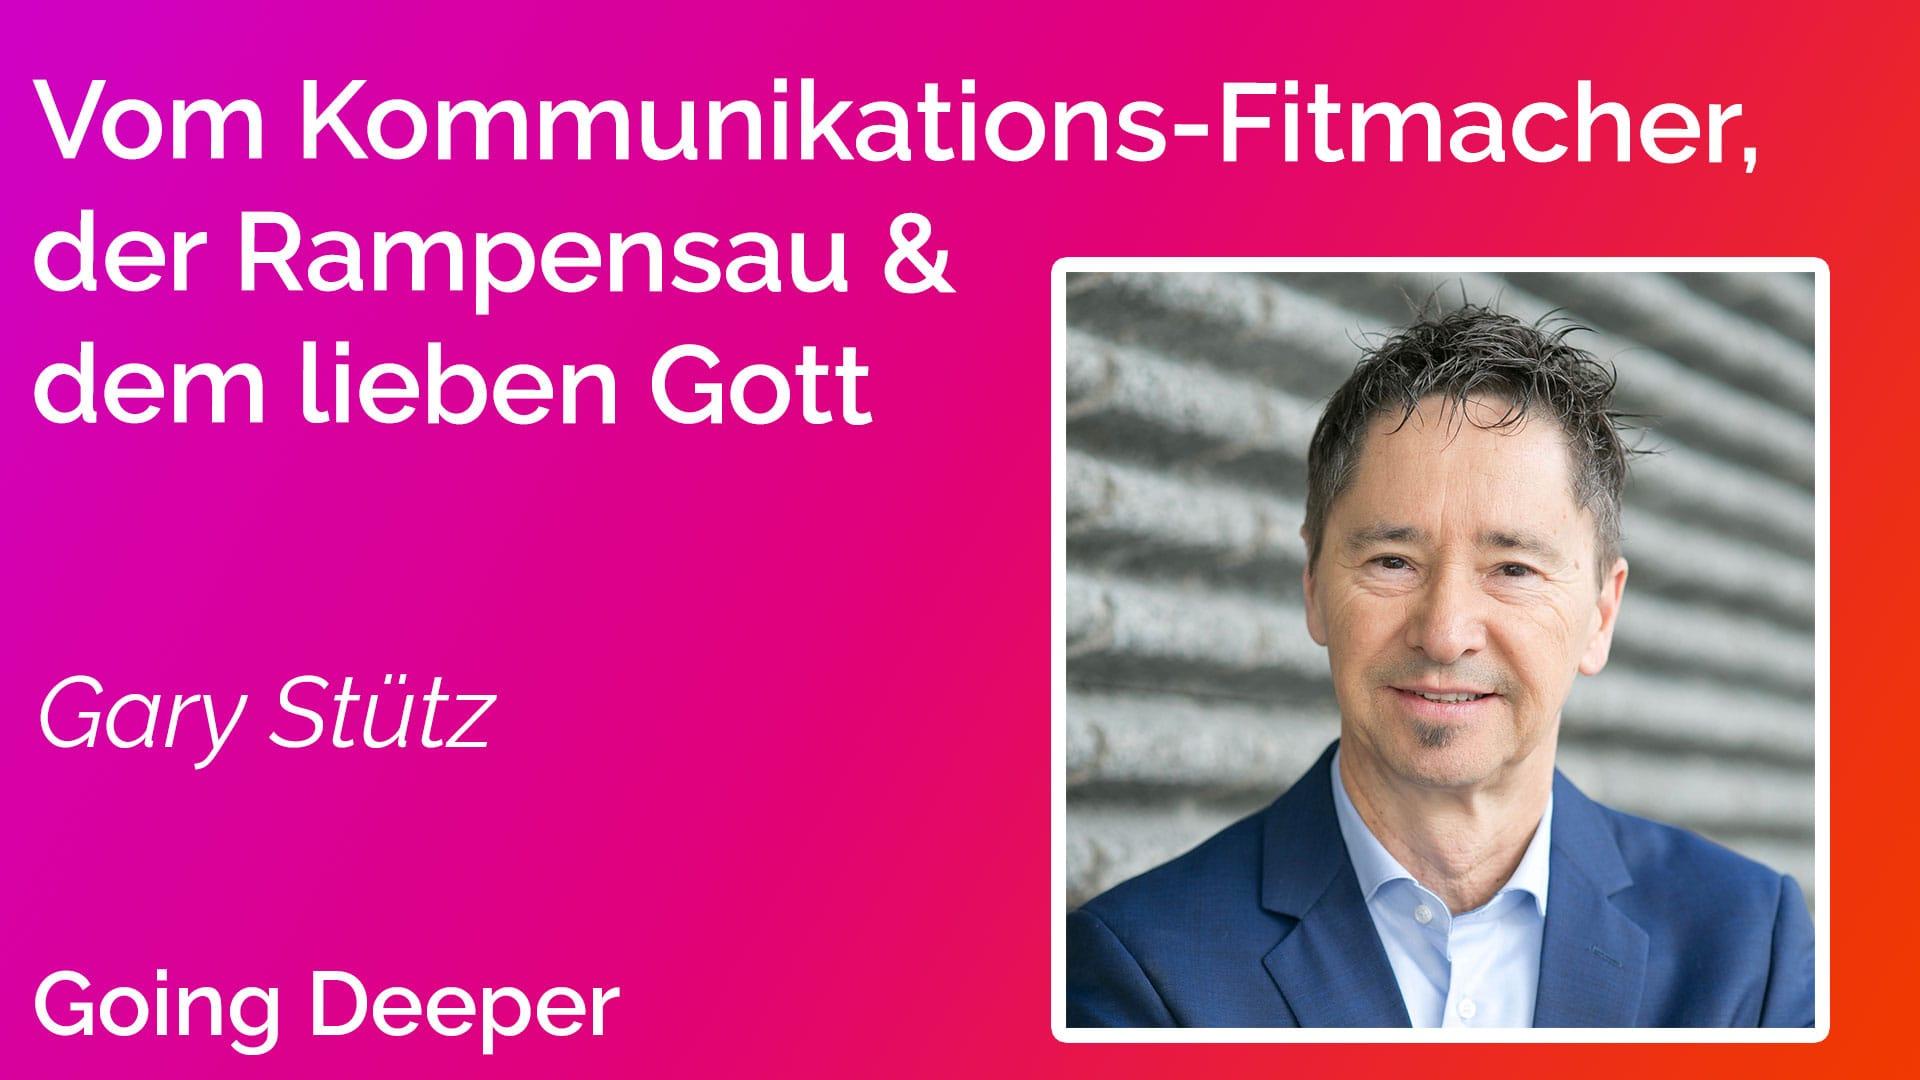 Trainer und Moderator Gary Stuetz – vom Kommunikations-Fitmacher, der Rampensau und dem lieben Gott